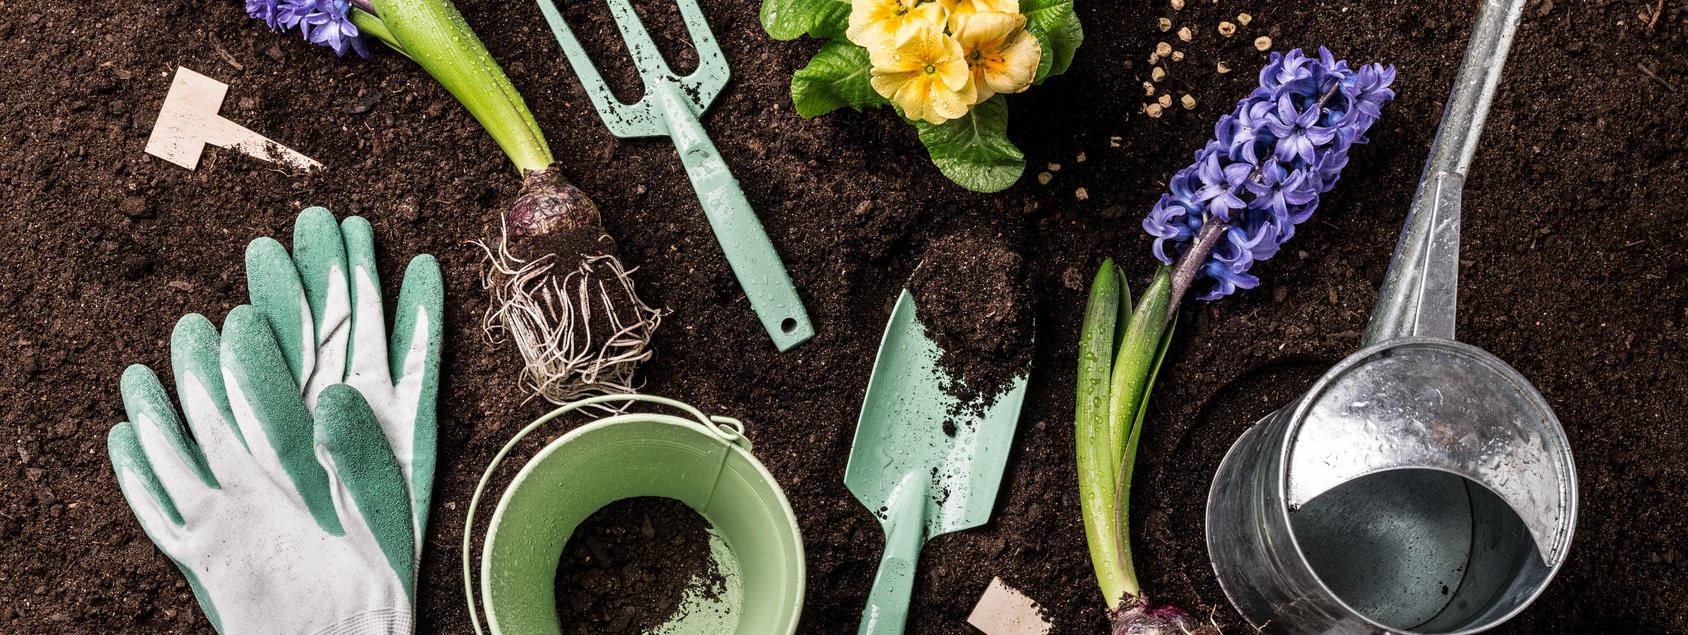 Baumarkt Egger Sortiment Gartenbedarf